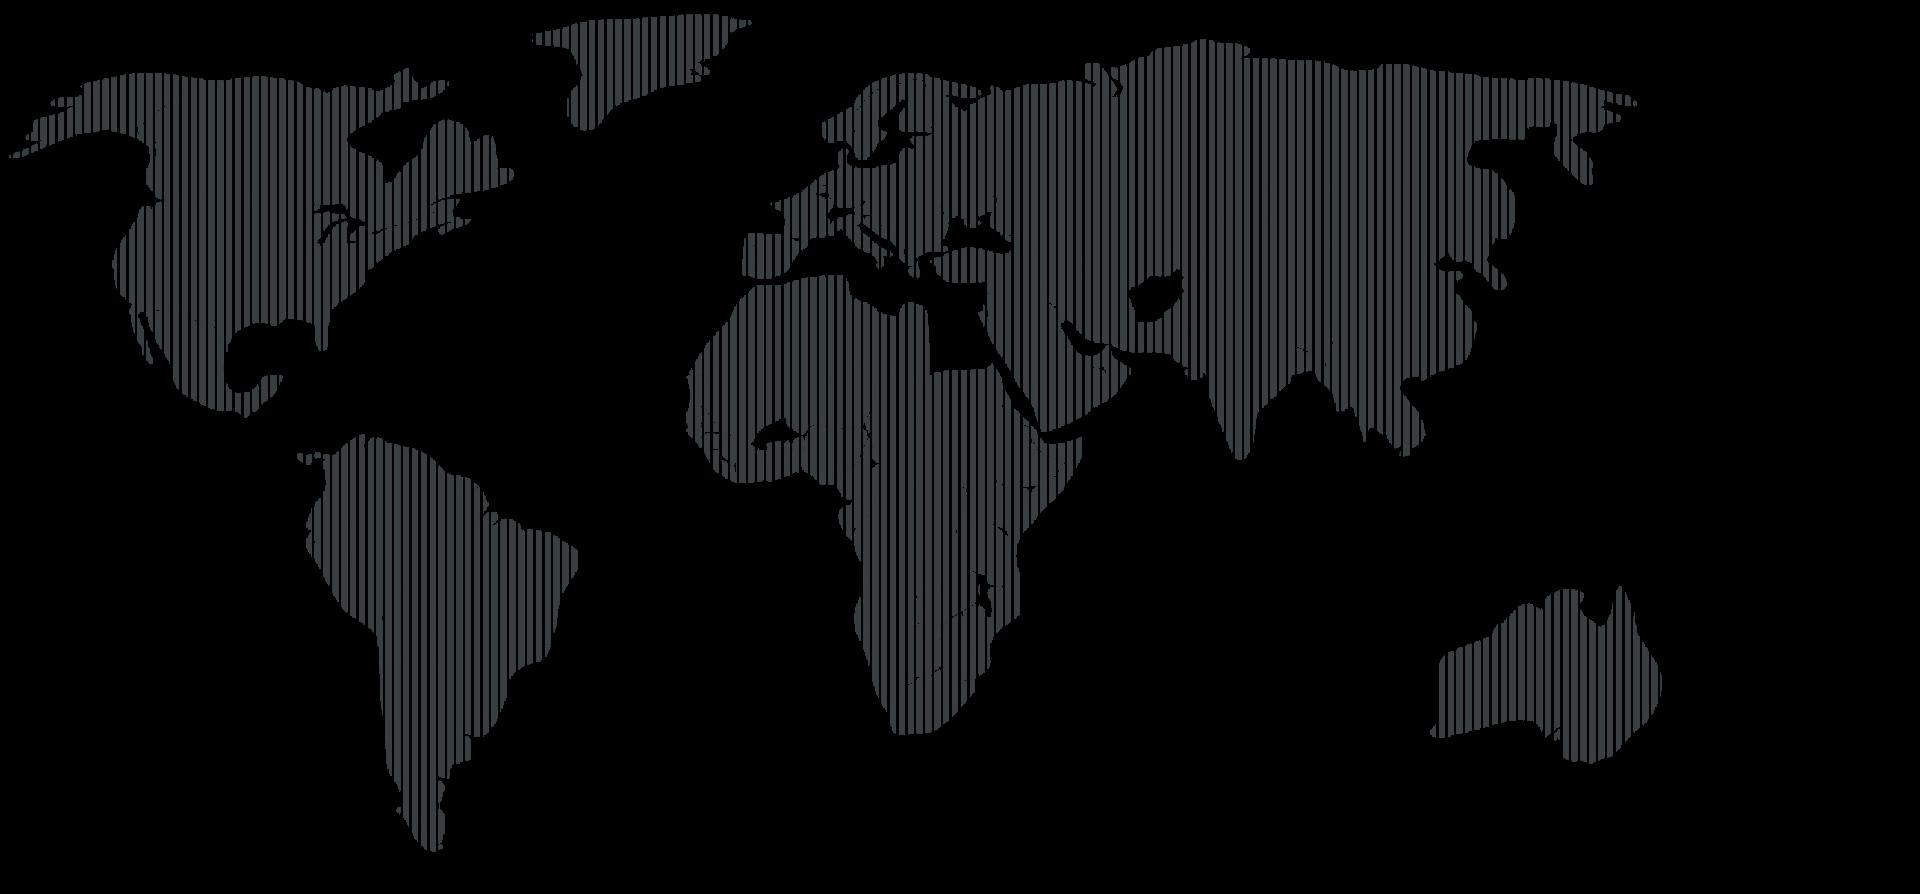 Карта на фоне